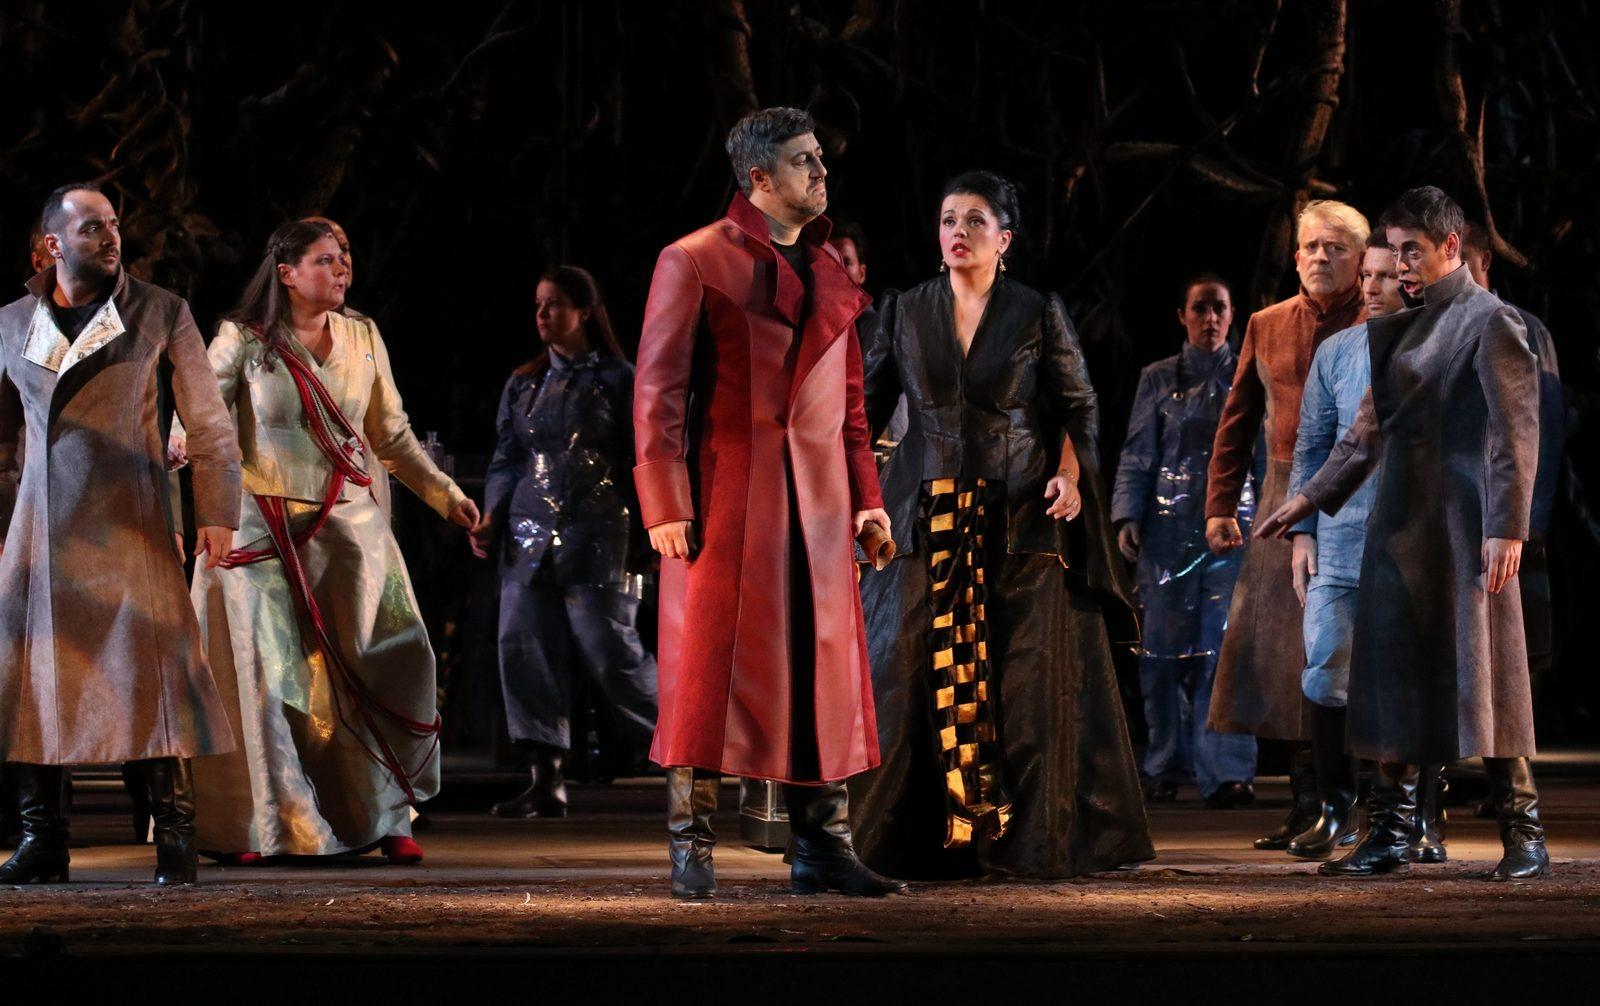 FOTO: ZRINJSKI Kristina i Robert Kolar prvi put supružnici i na opernoj sceni